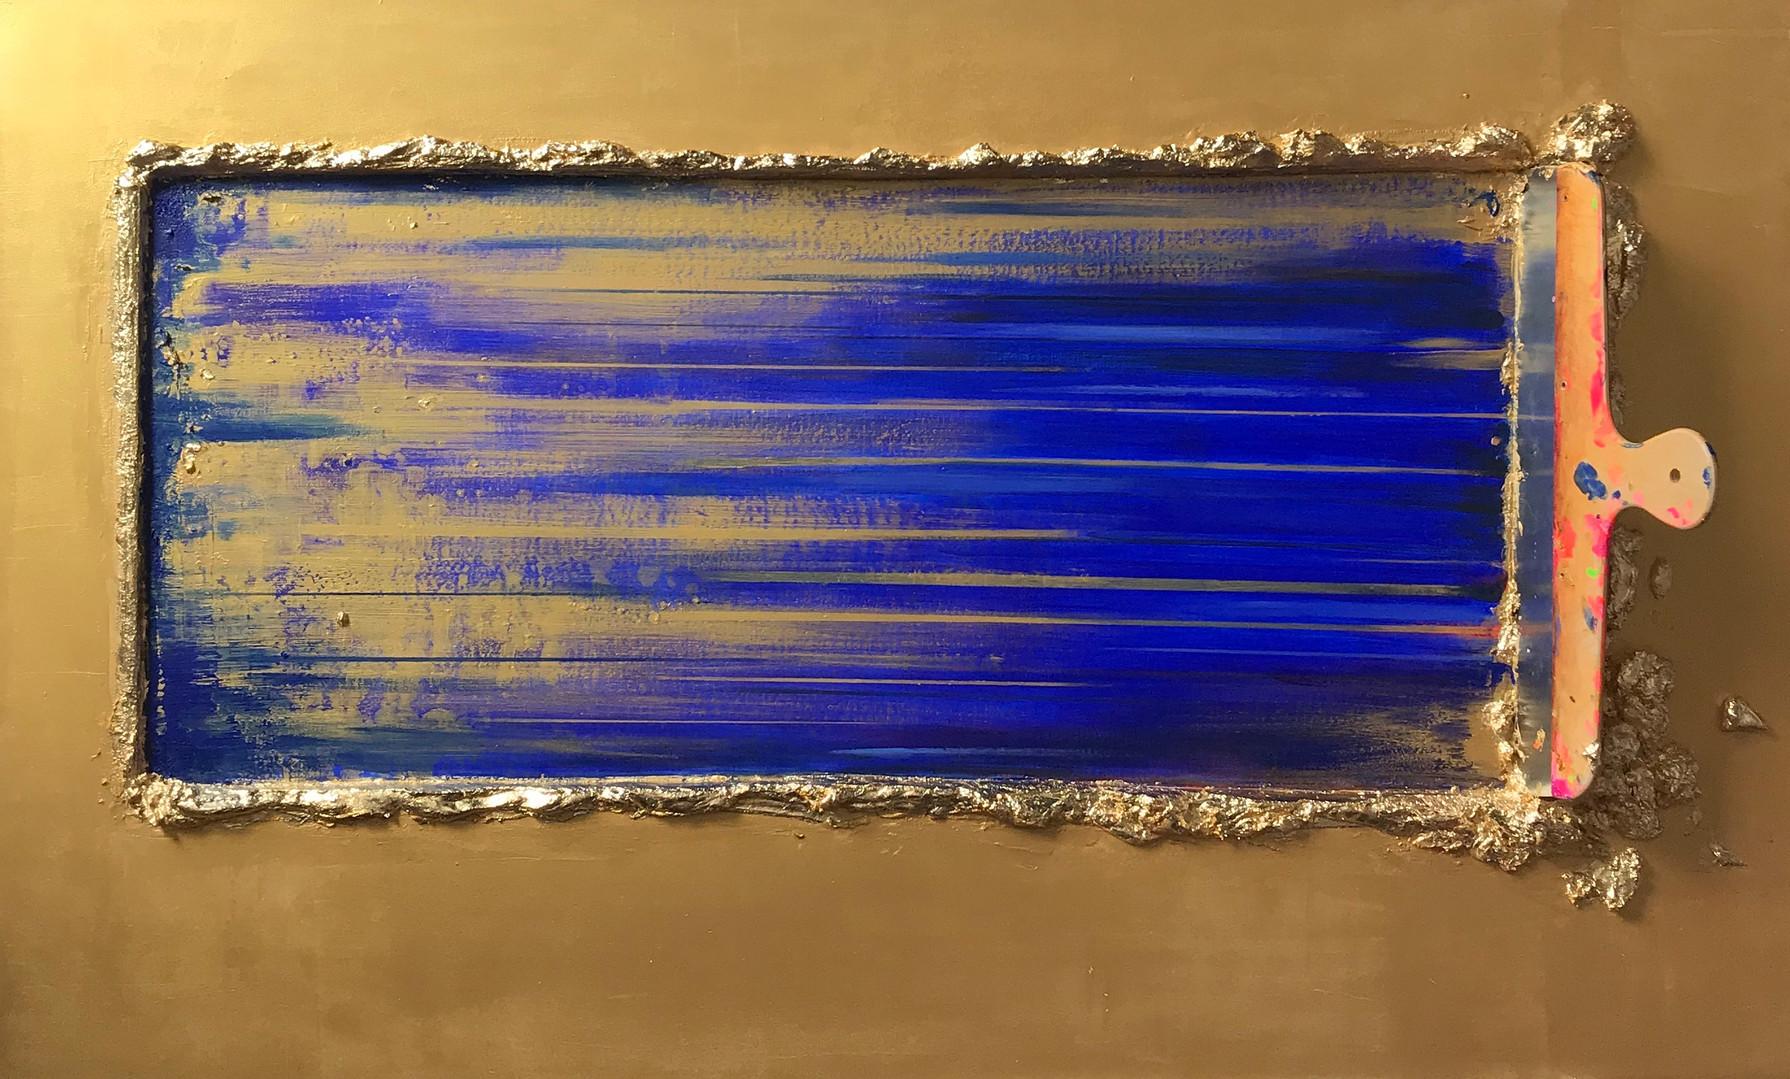 jean-paul-donadini-truelle-arretee-gold-